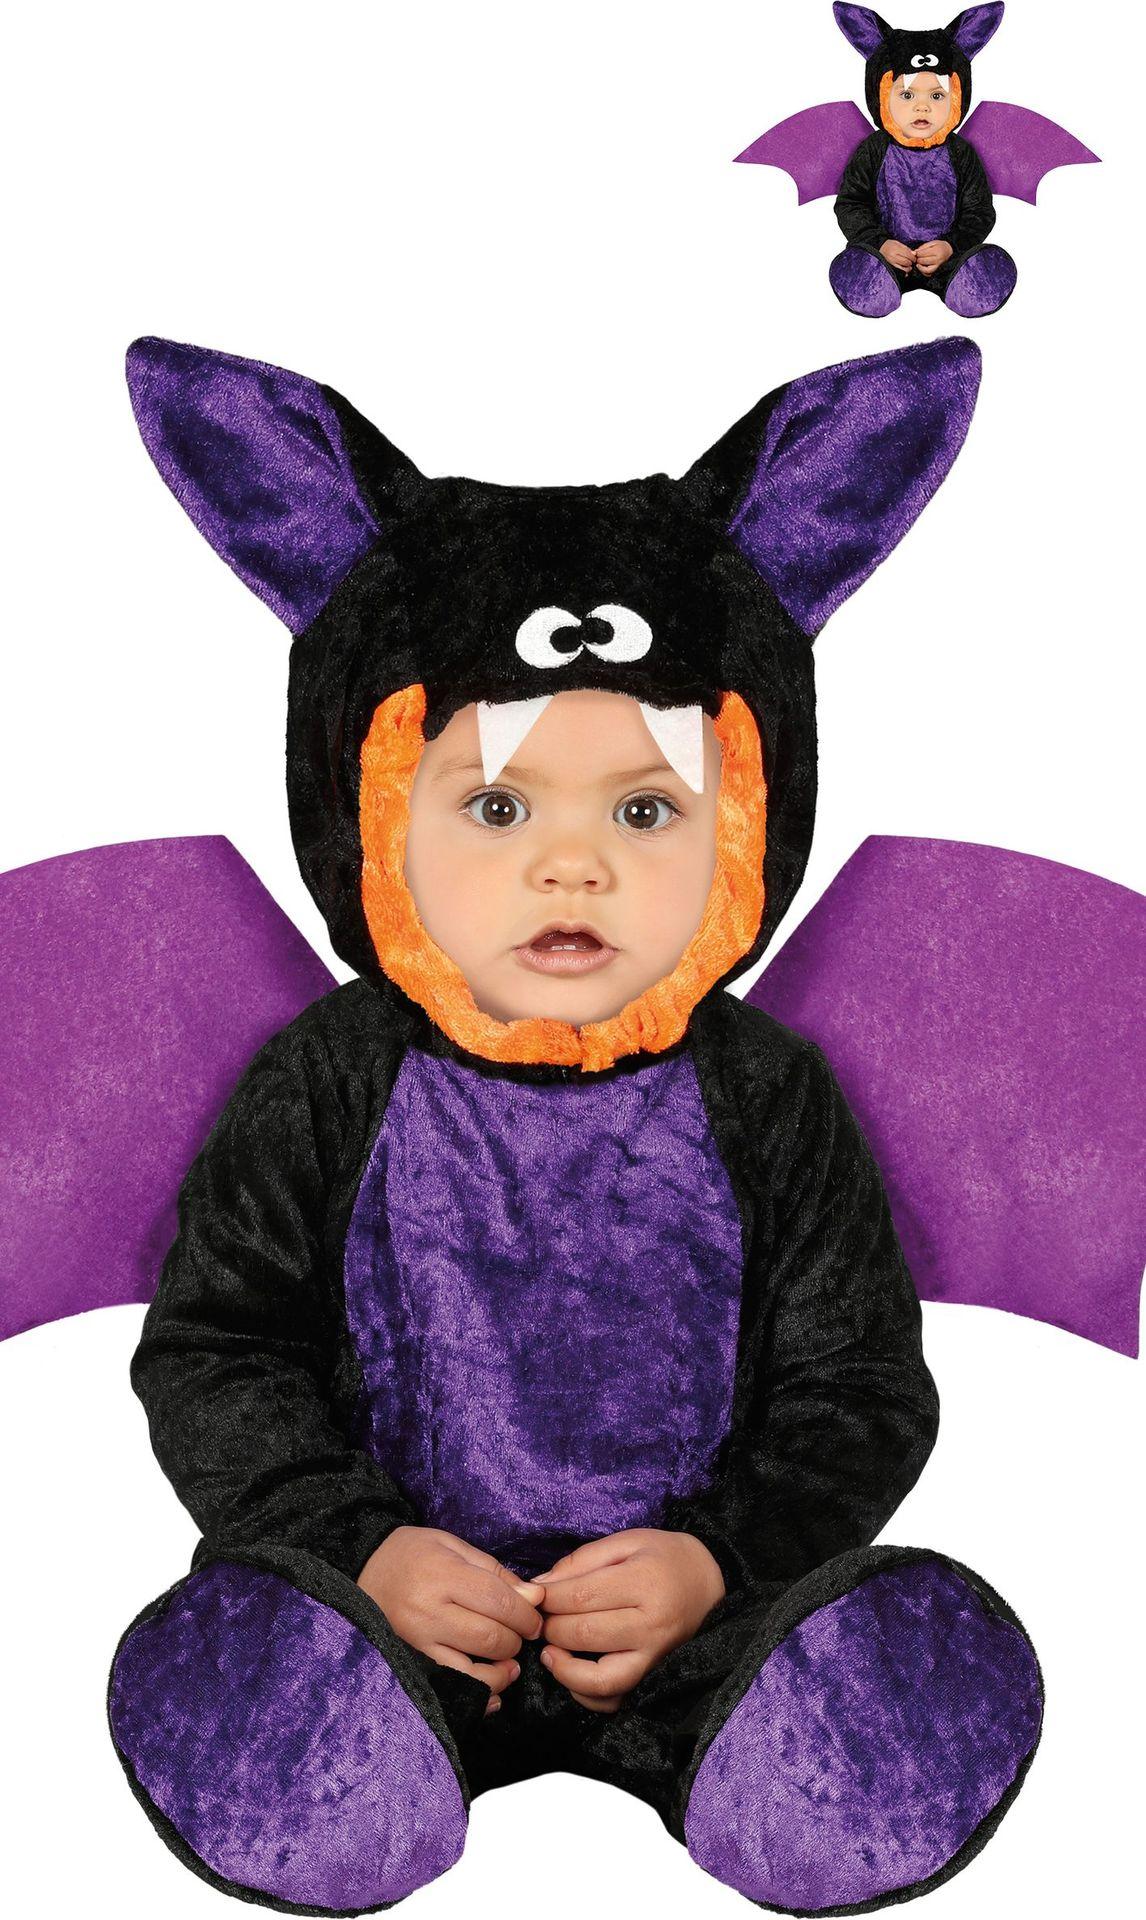 Vleermuis kostuum baby paars